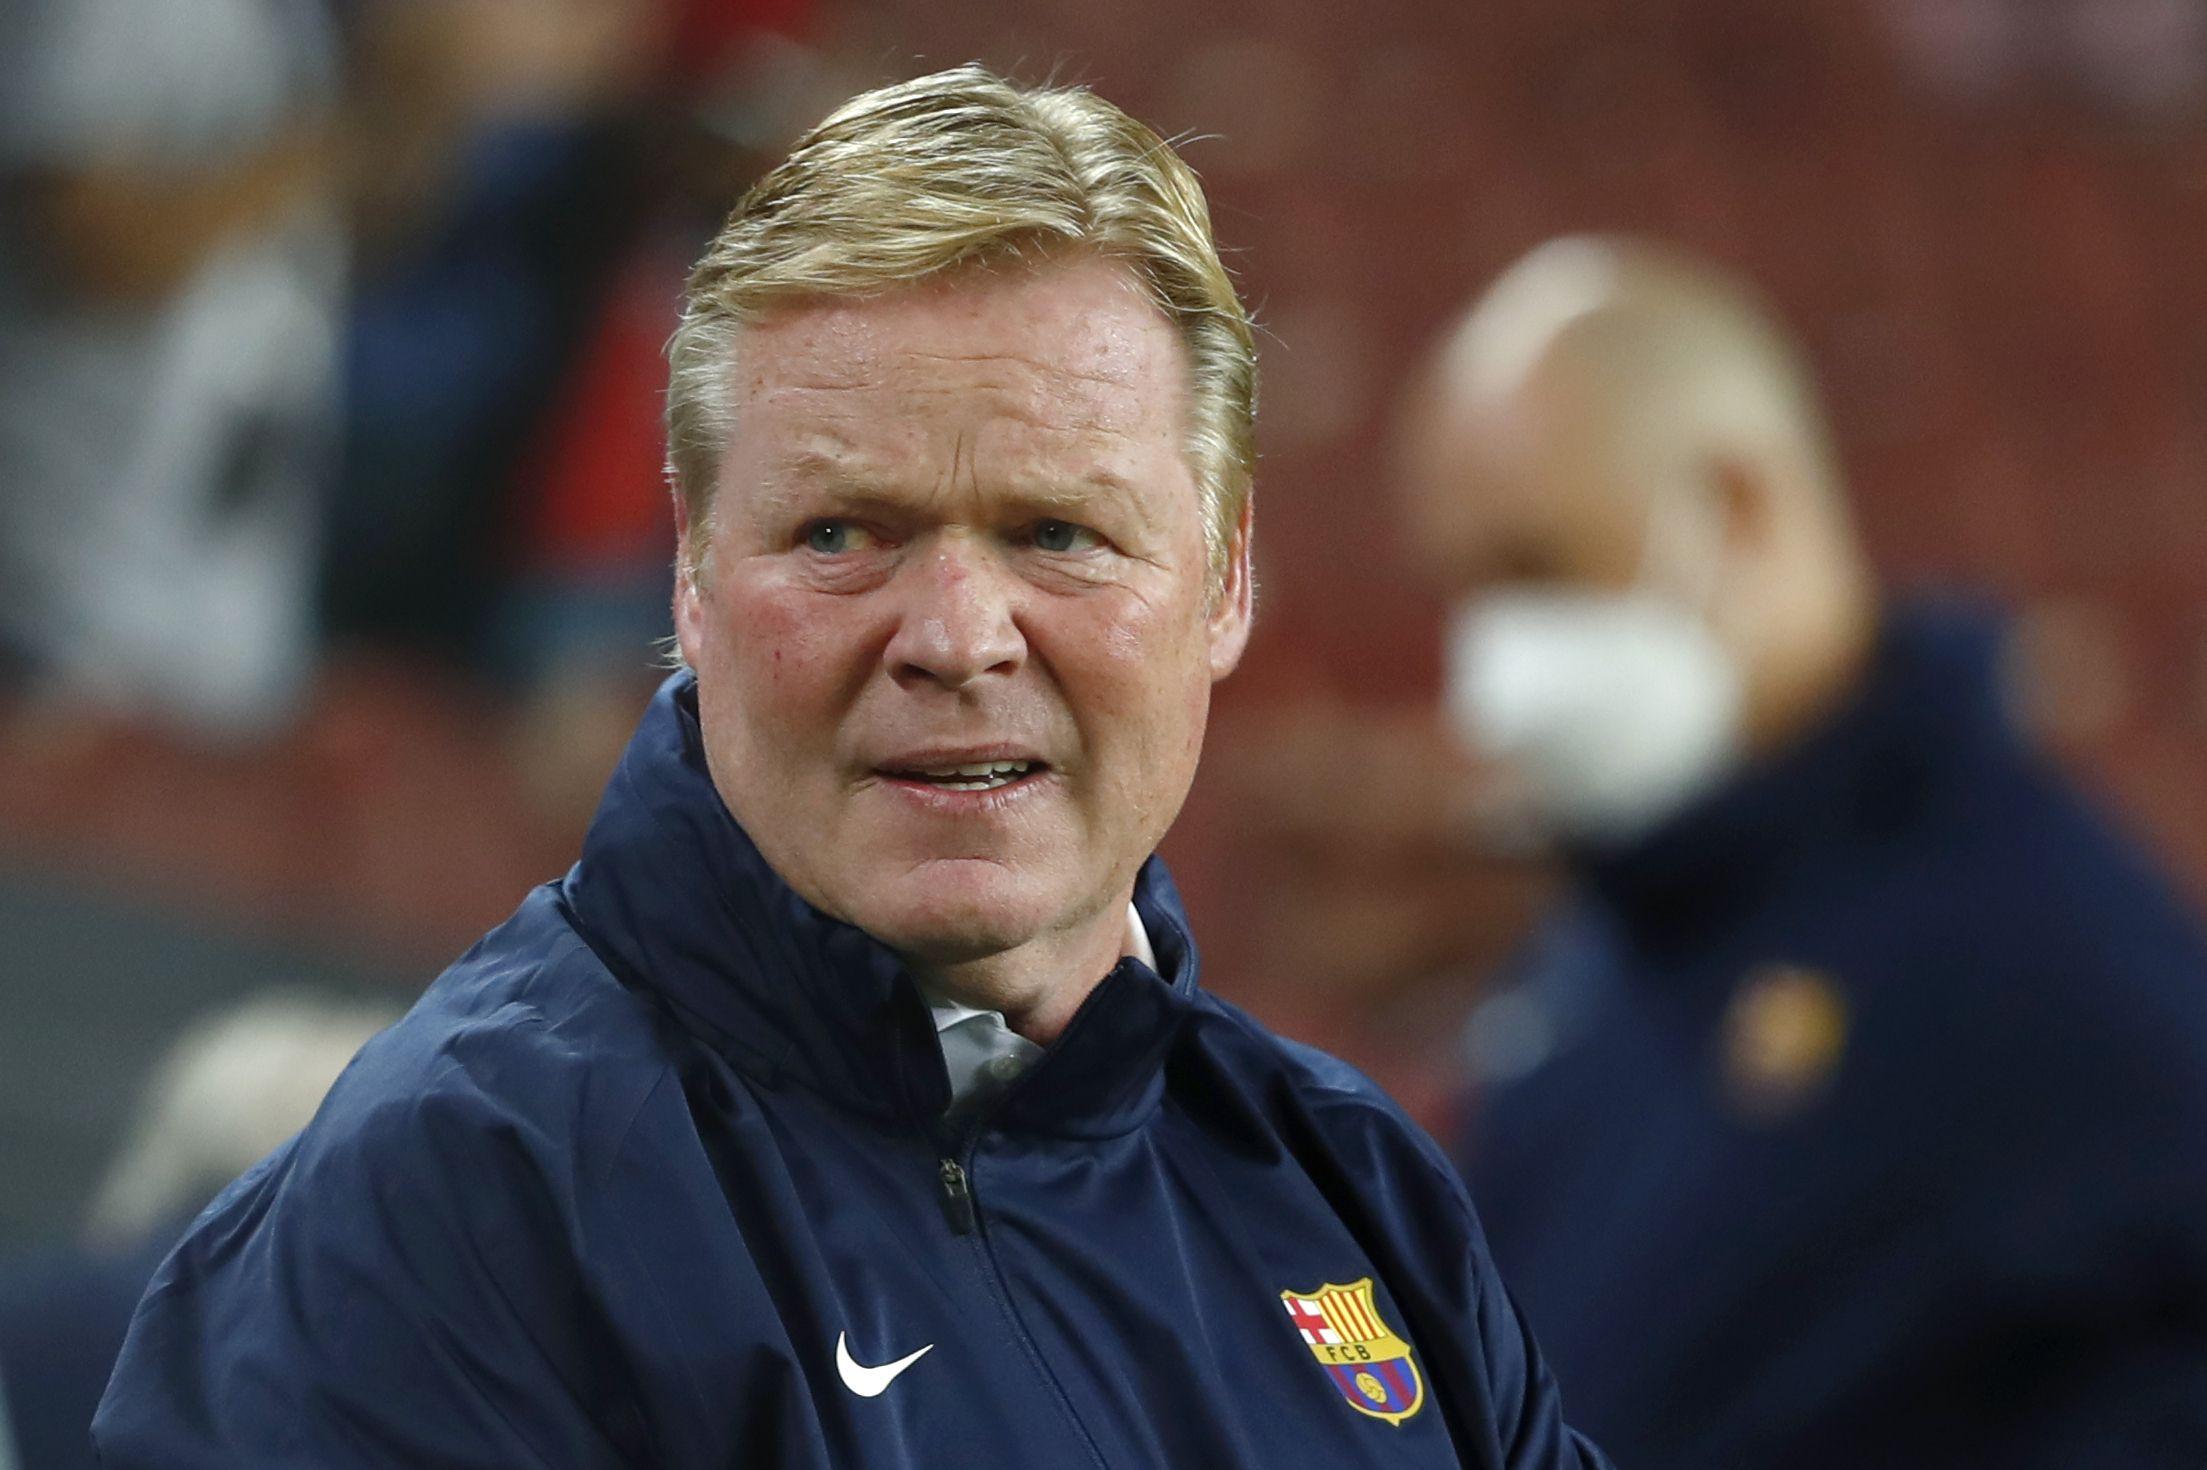 koeman: el club me apoya, no se pueden esperar milagros